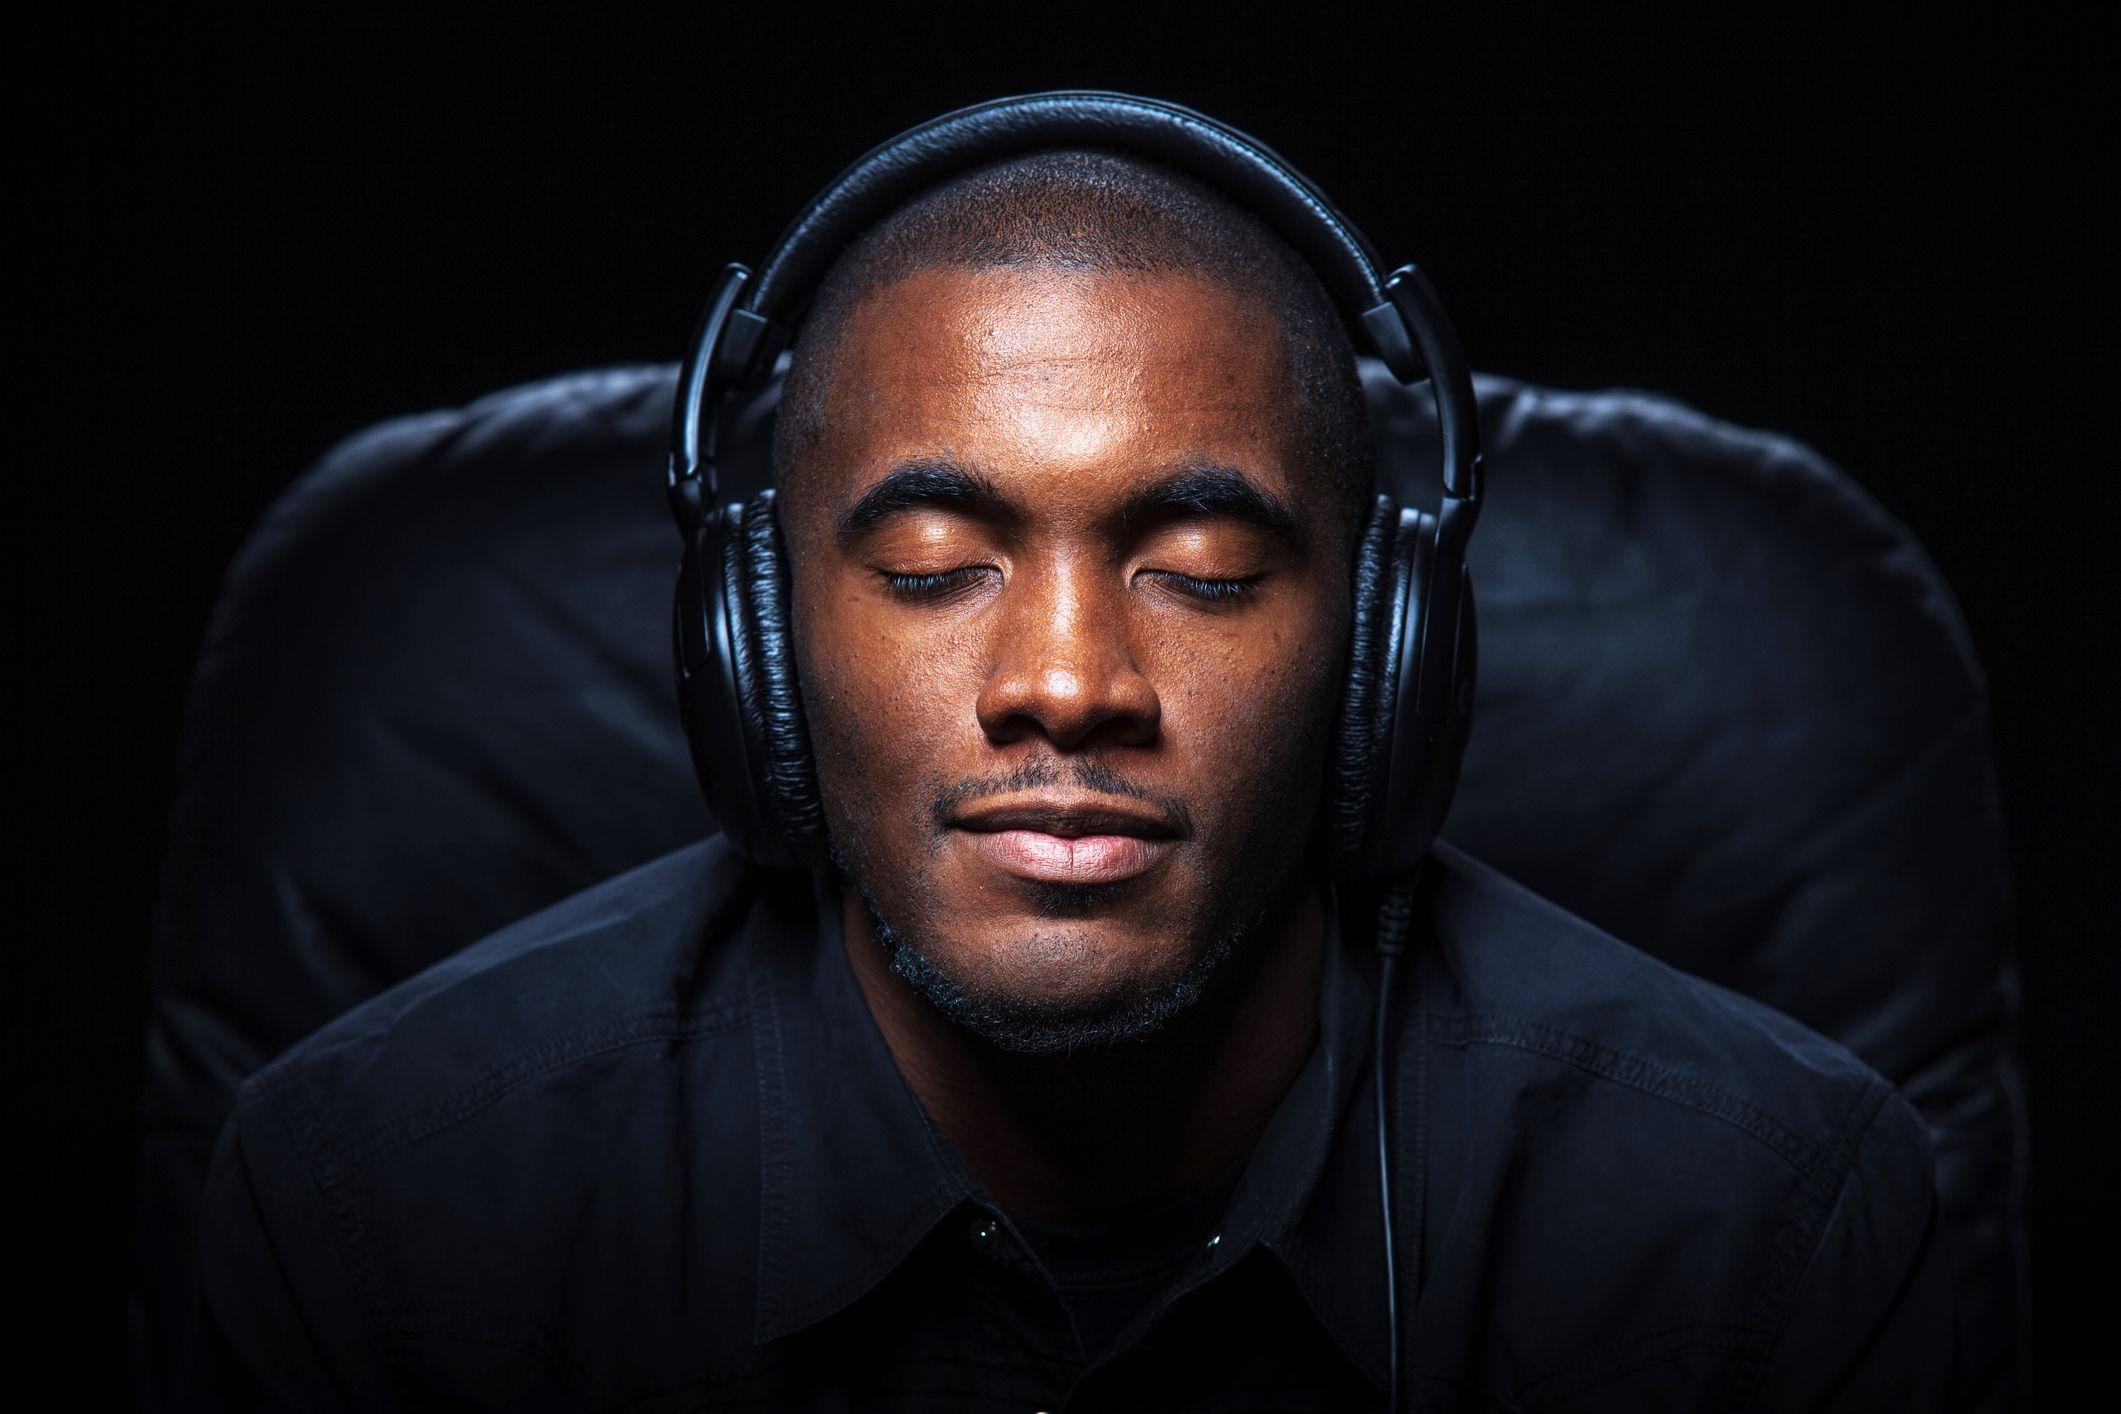 Che cos'è la musica 8D, e perché la ascoltano tutti